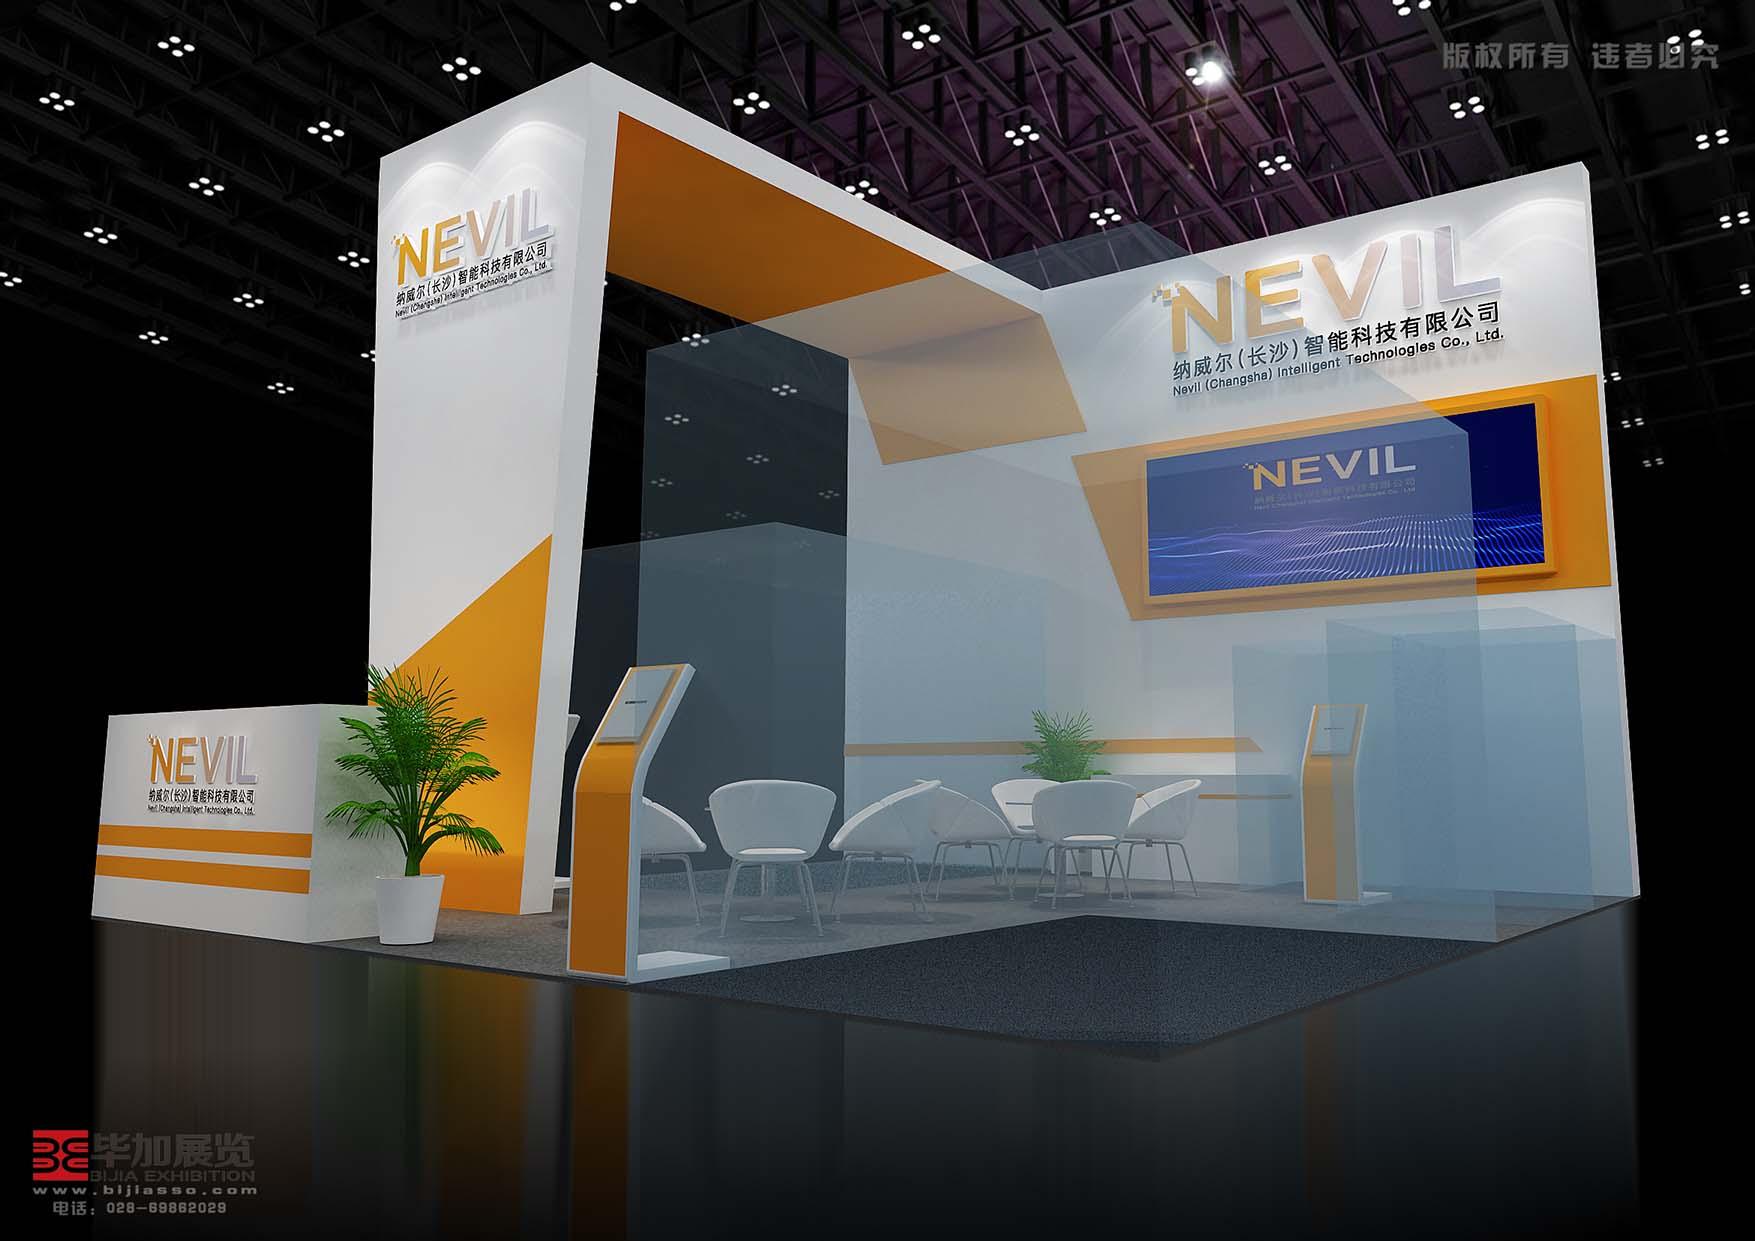 制药机械展展位设计搭建-纳威尔